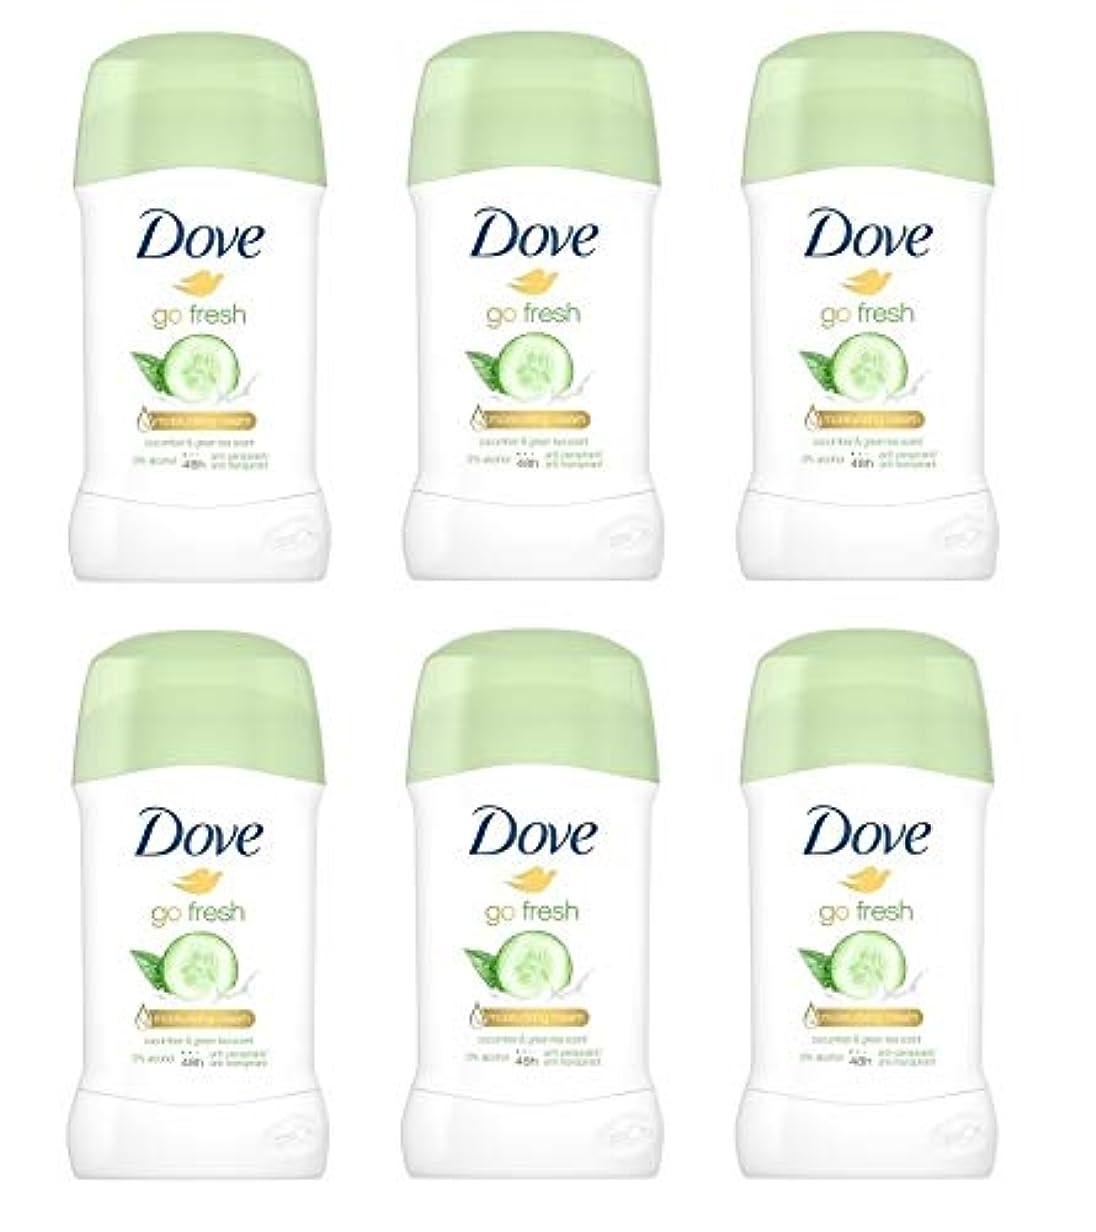 編集する惑星ずんぐりした(6パック) ドーブ新鮮になきゅうりそして緑茶香り制汗剤デオドラントスティック女性の為に - (Pack of 6) Dove Go Fresh Cucumber & Green Tea Scent Anti-perspirant...